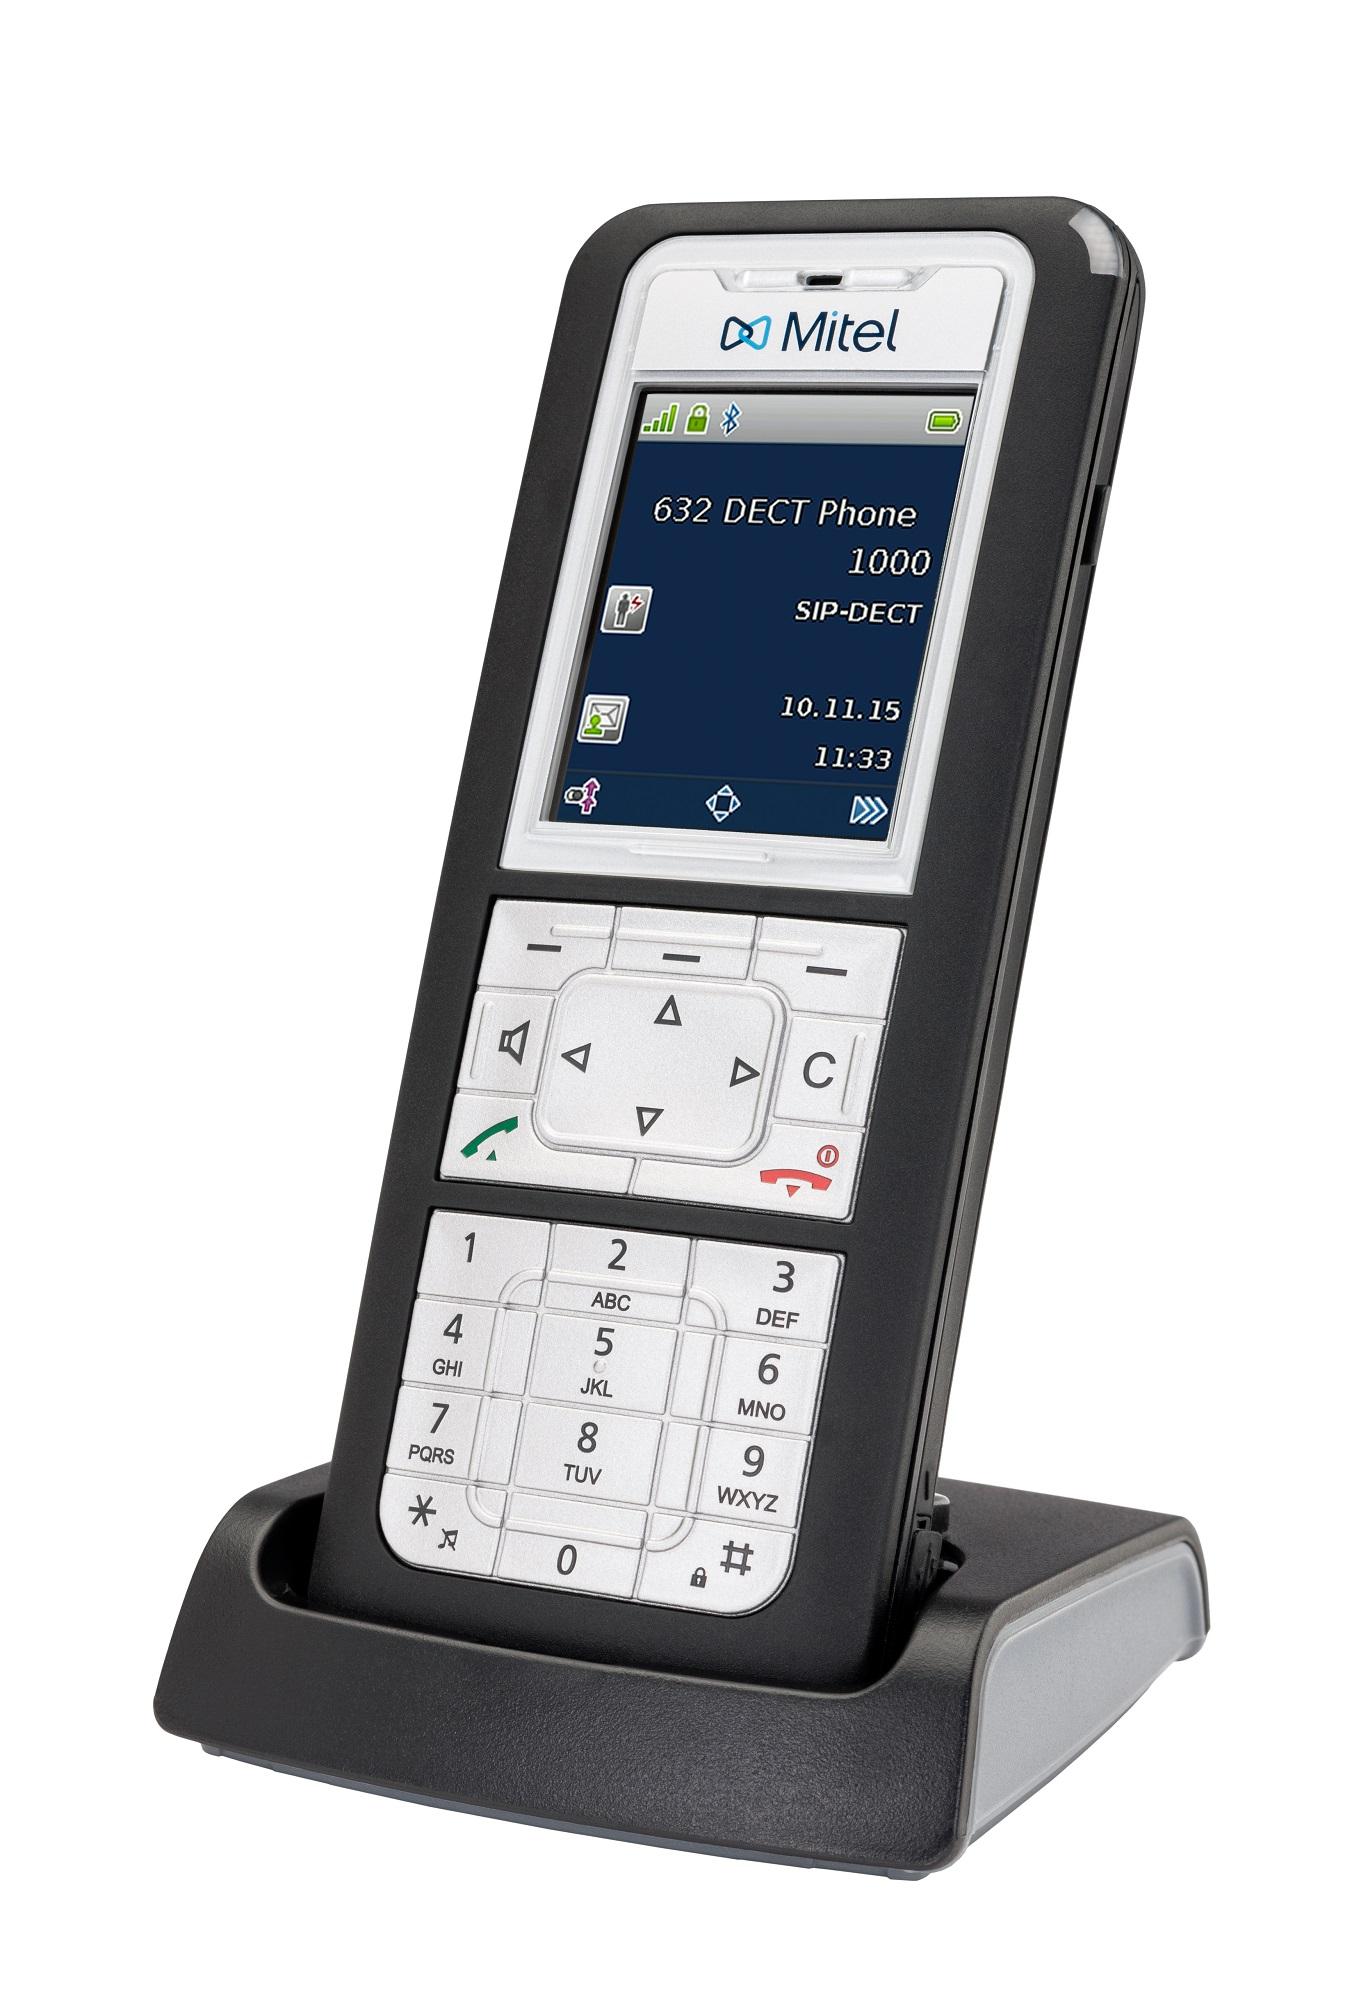 Mitel SIP-DECT|Wireless communication